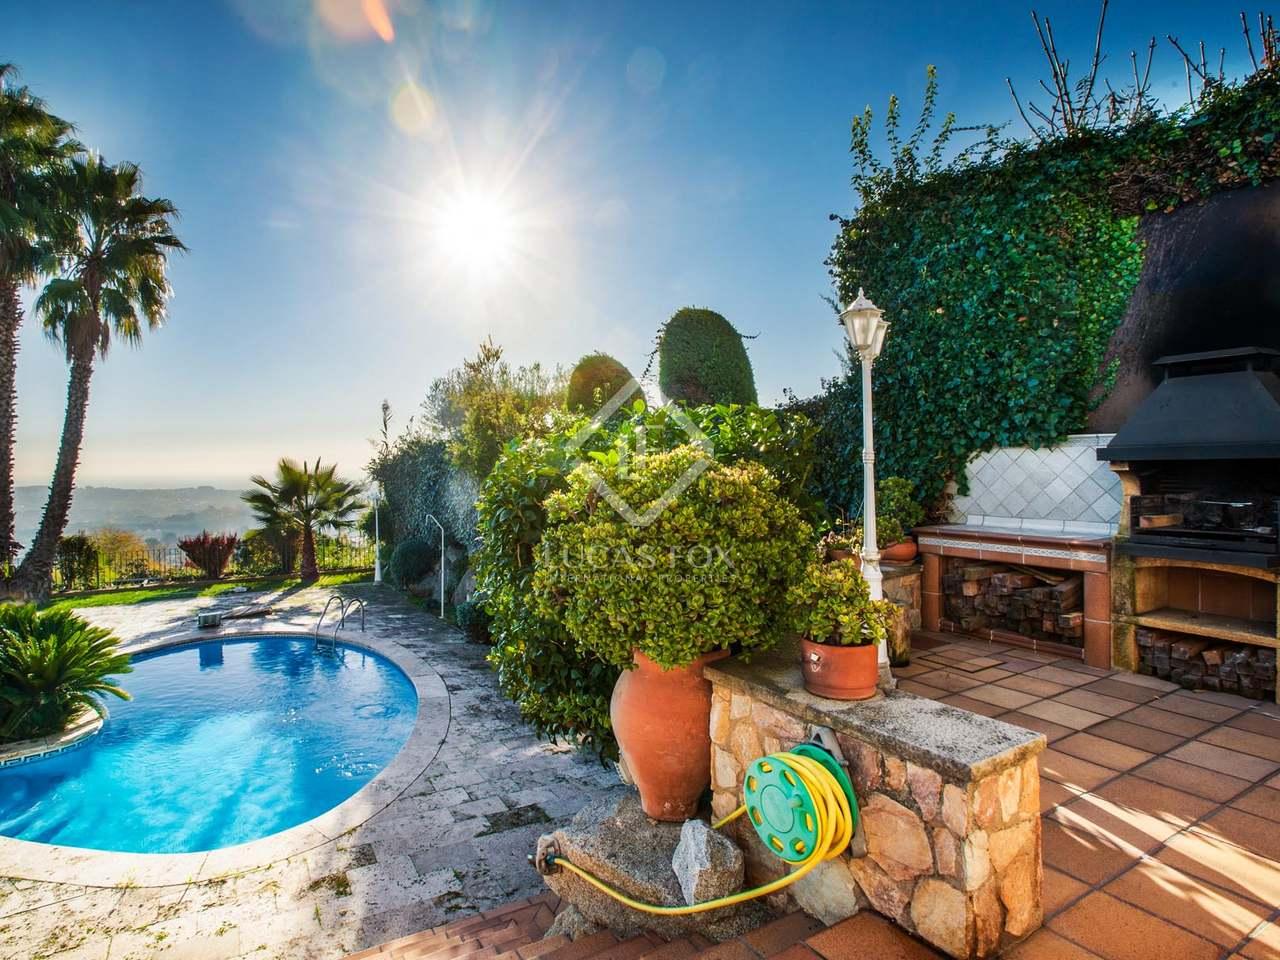 Casa de 5 dormitorios con piscina en venta en argentona Villa jardin donde queda